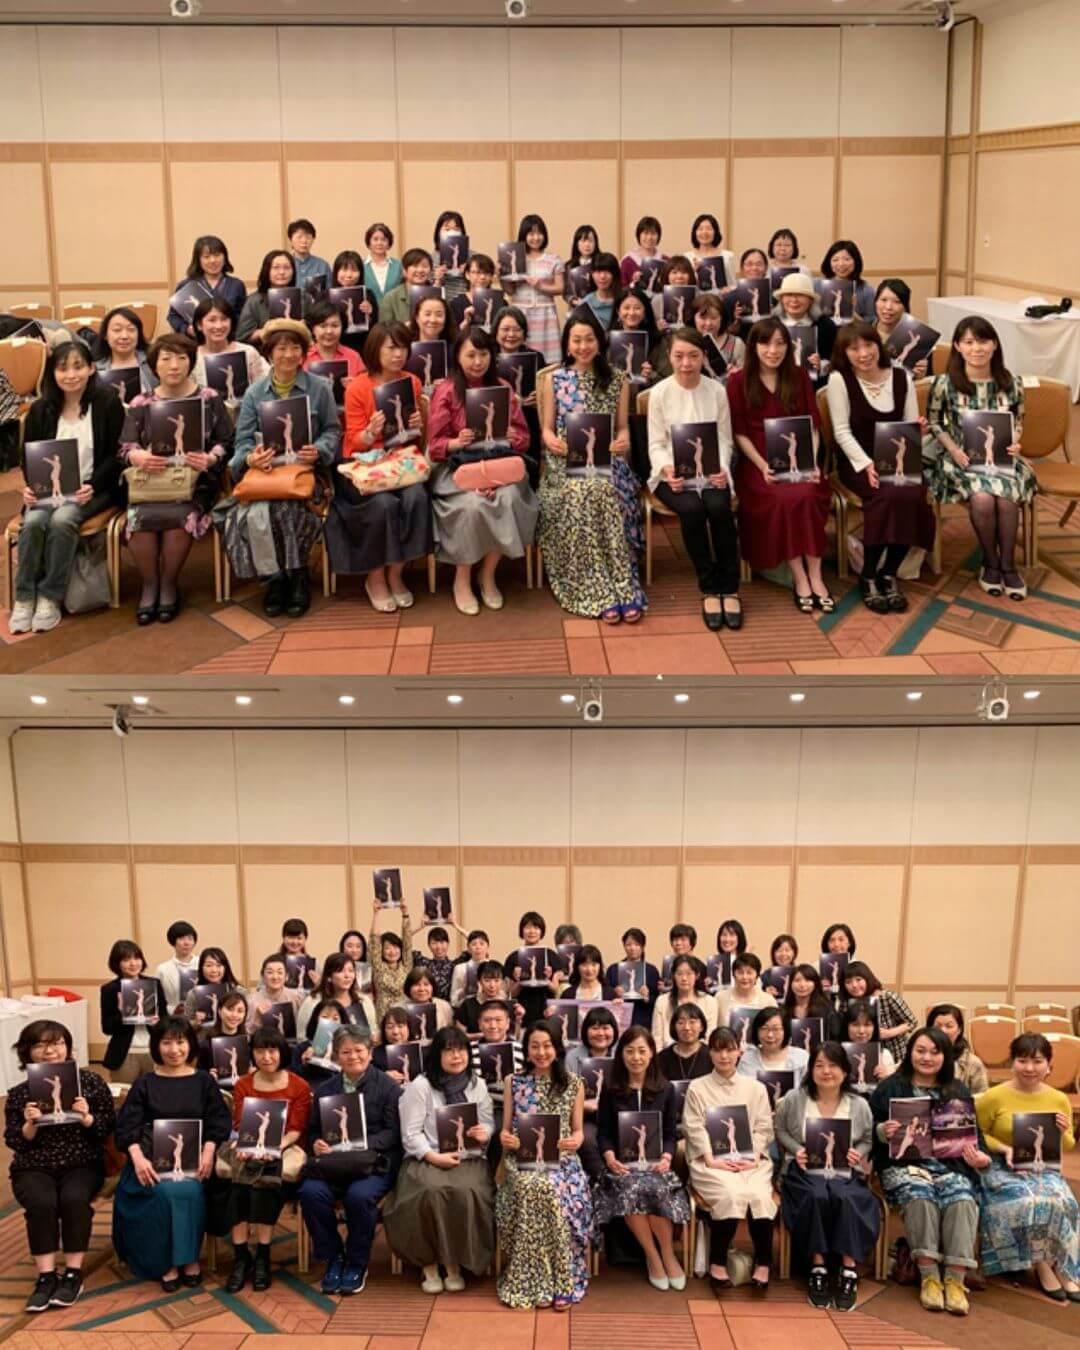 浅田真央が新しい写真集のサイン本お渡し会を開催!